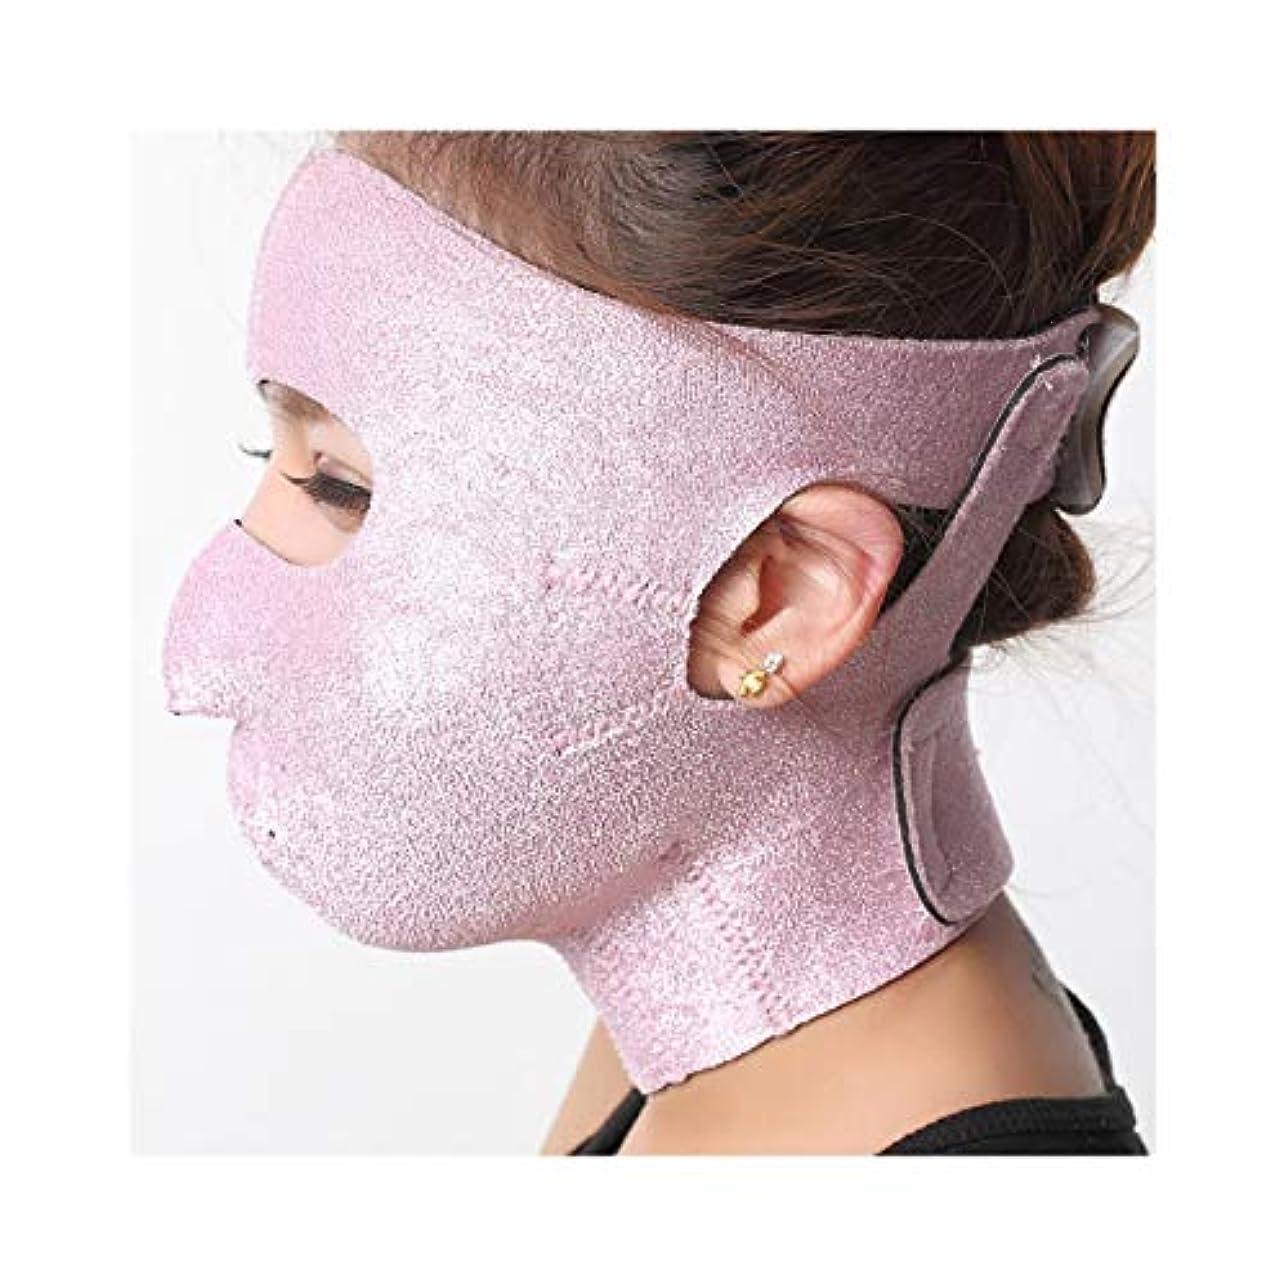 湿気の多いなので今TLMY 引き締めマスク小さなVフェイスアーティファクト睡眠薄いフェイス包帯マスクと引き締めマスク引き締めクリームフェイスリフトフェイスメロン 顔用整形マスク